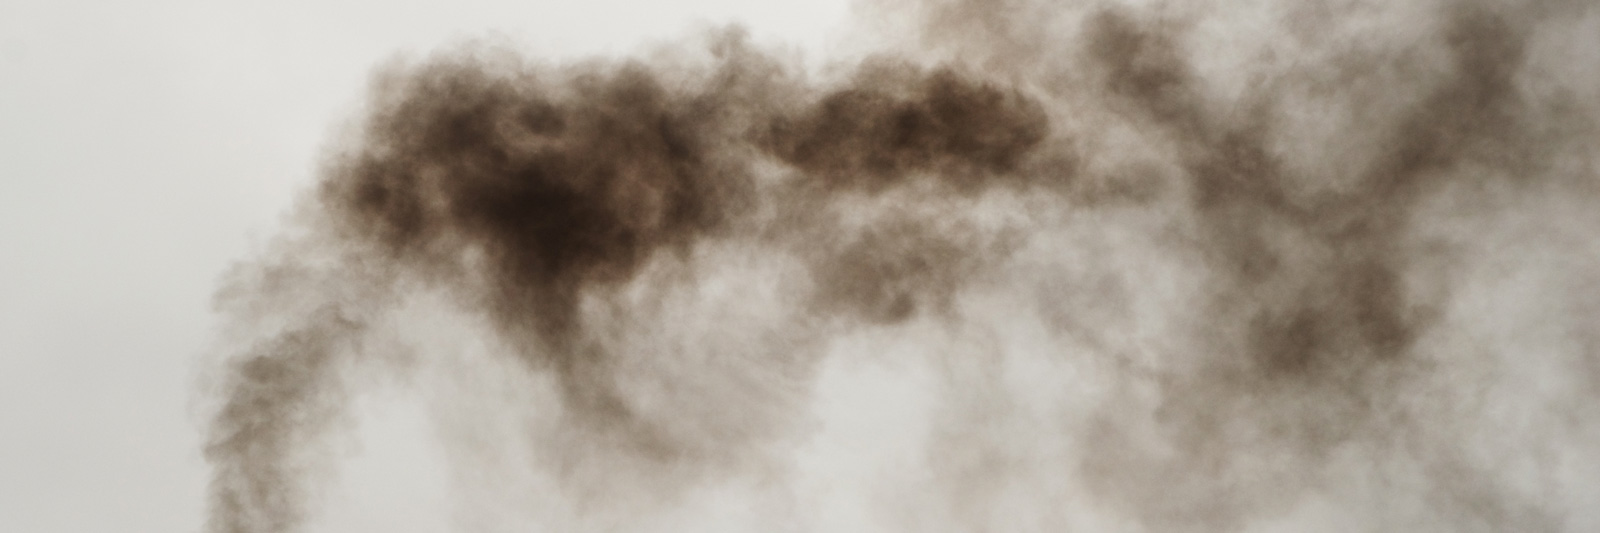 Savoldelli giacomo certificazione impianti scarico fumi for Certificazione impianti